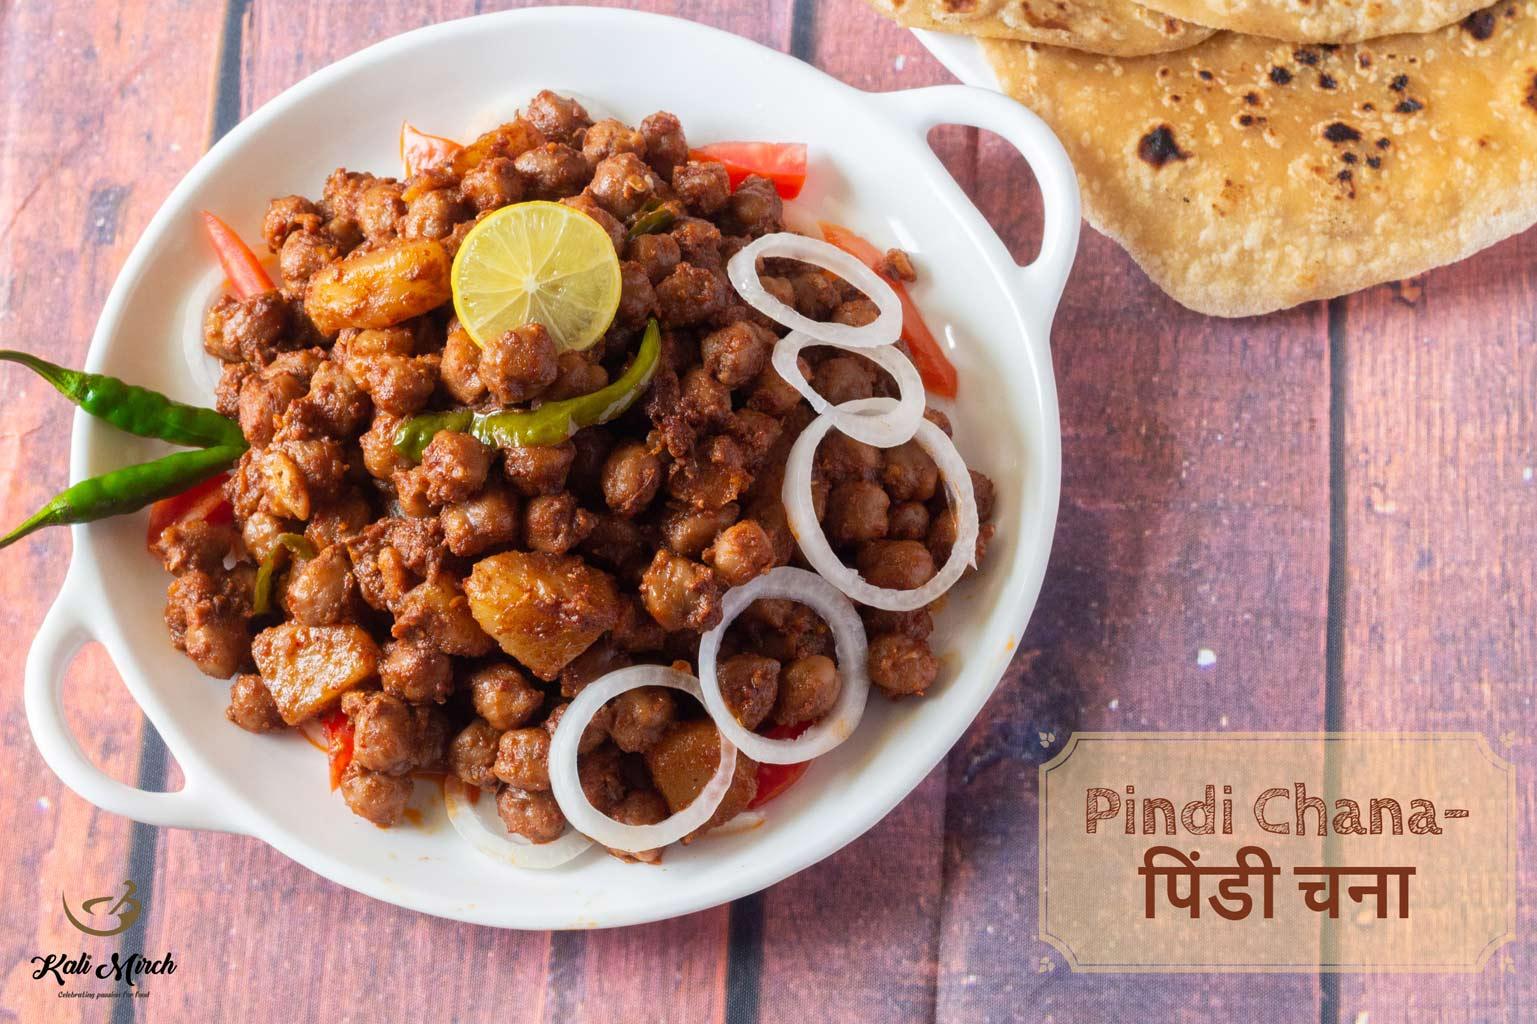 Pindi Chana-Pindi Chole